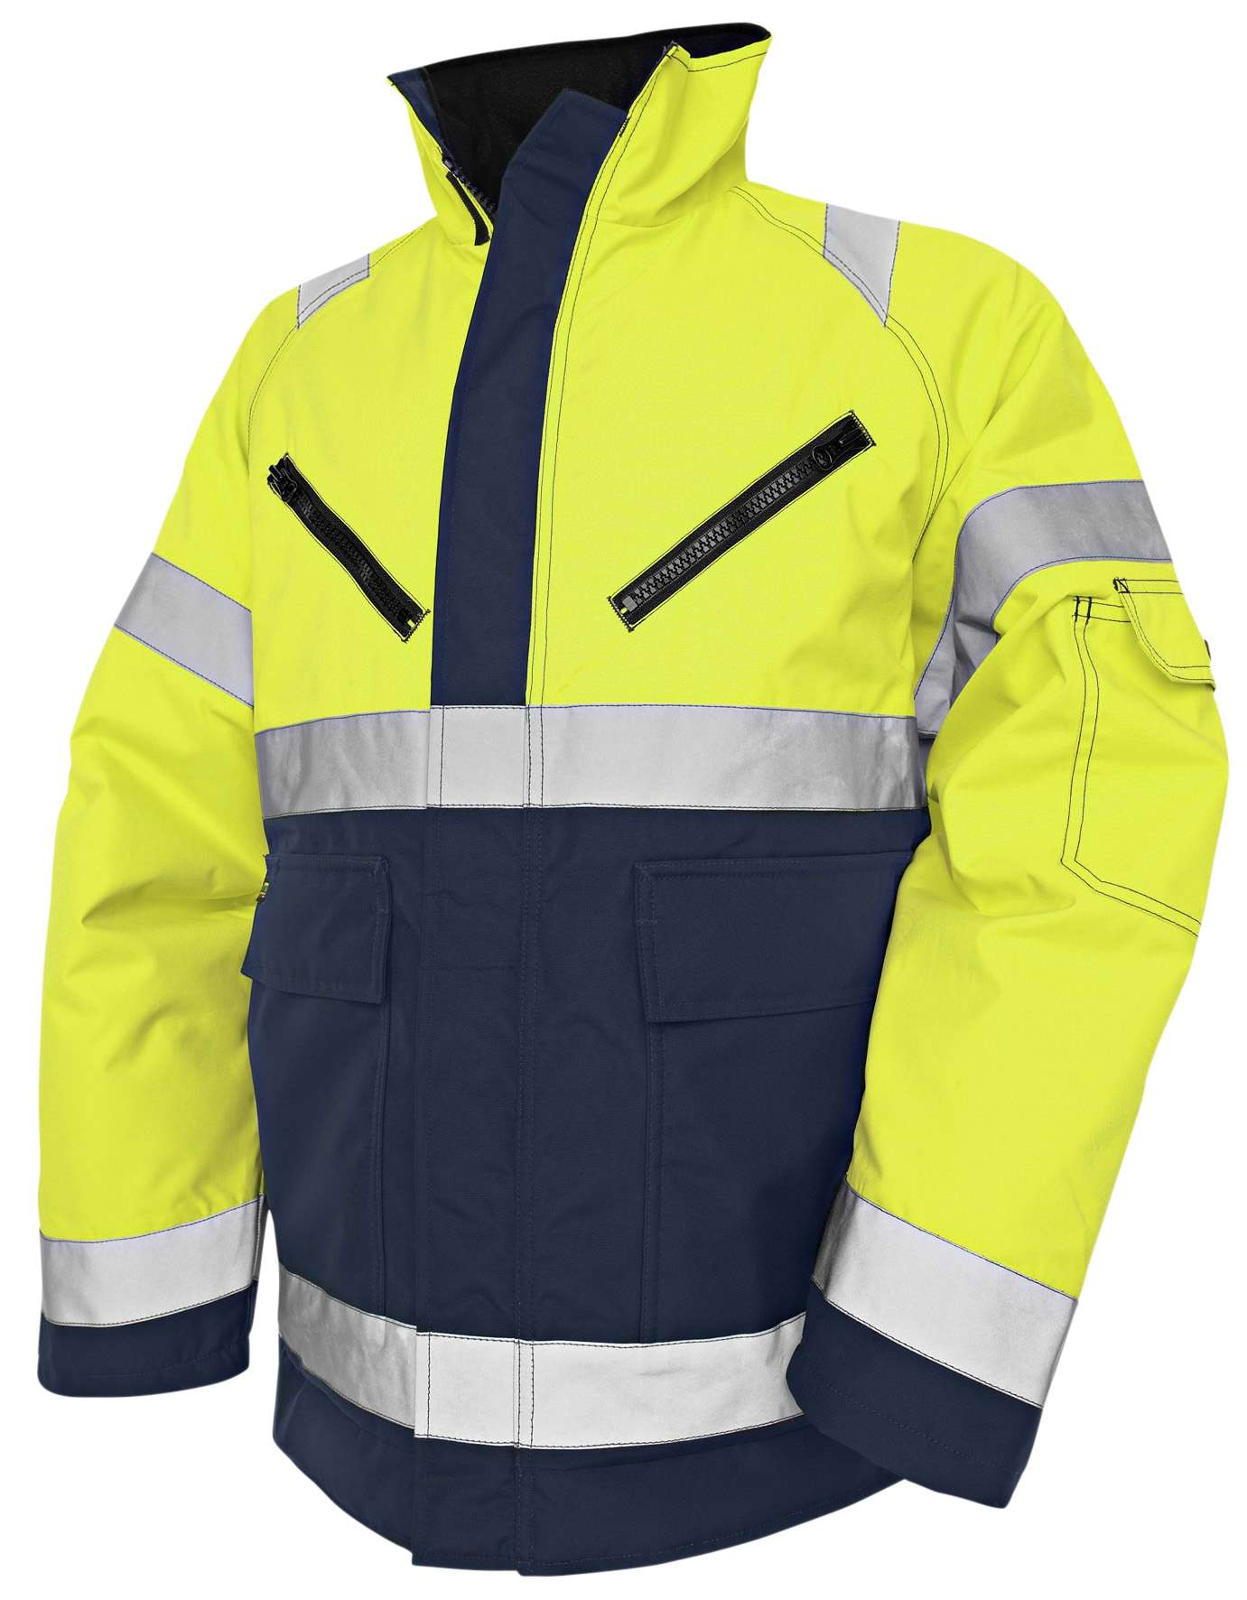 Blaklader Dames winterjassen 48191977 High Vis geel-marineblauw(3389)